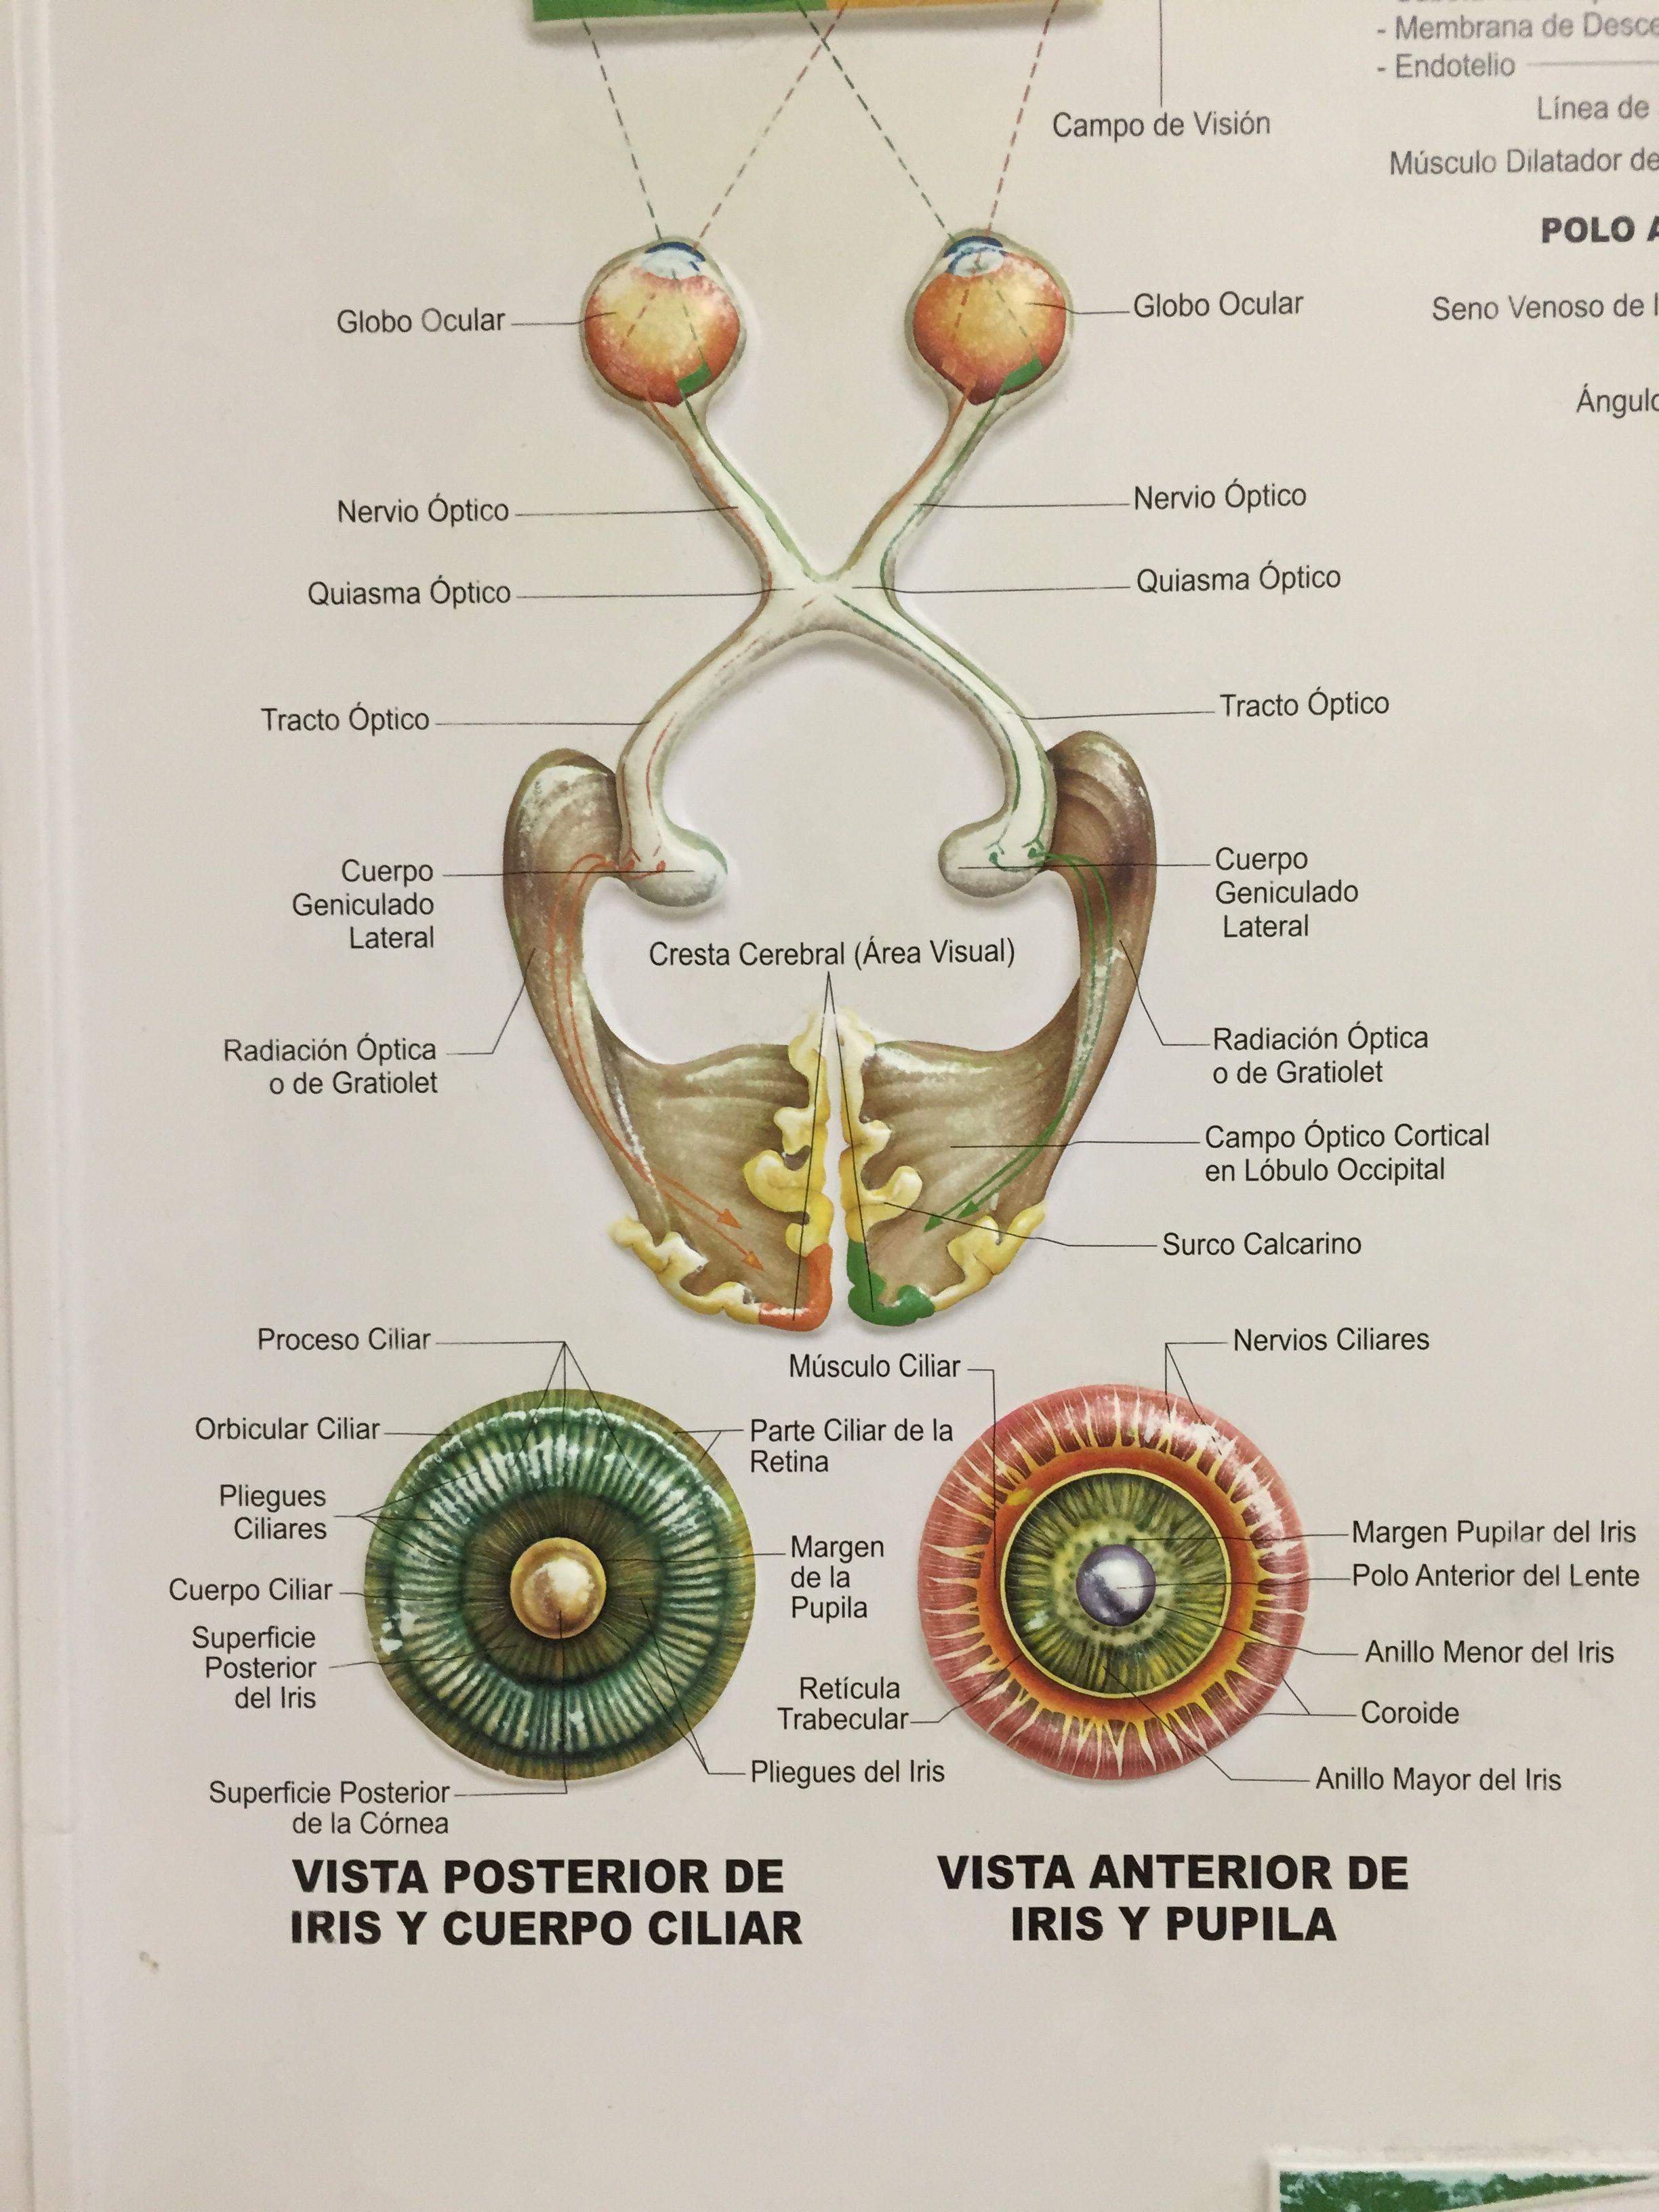 Lujoso Diagrama De Cuerpo Músculo Imagen - Anatomía de Las ...